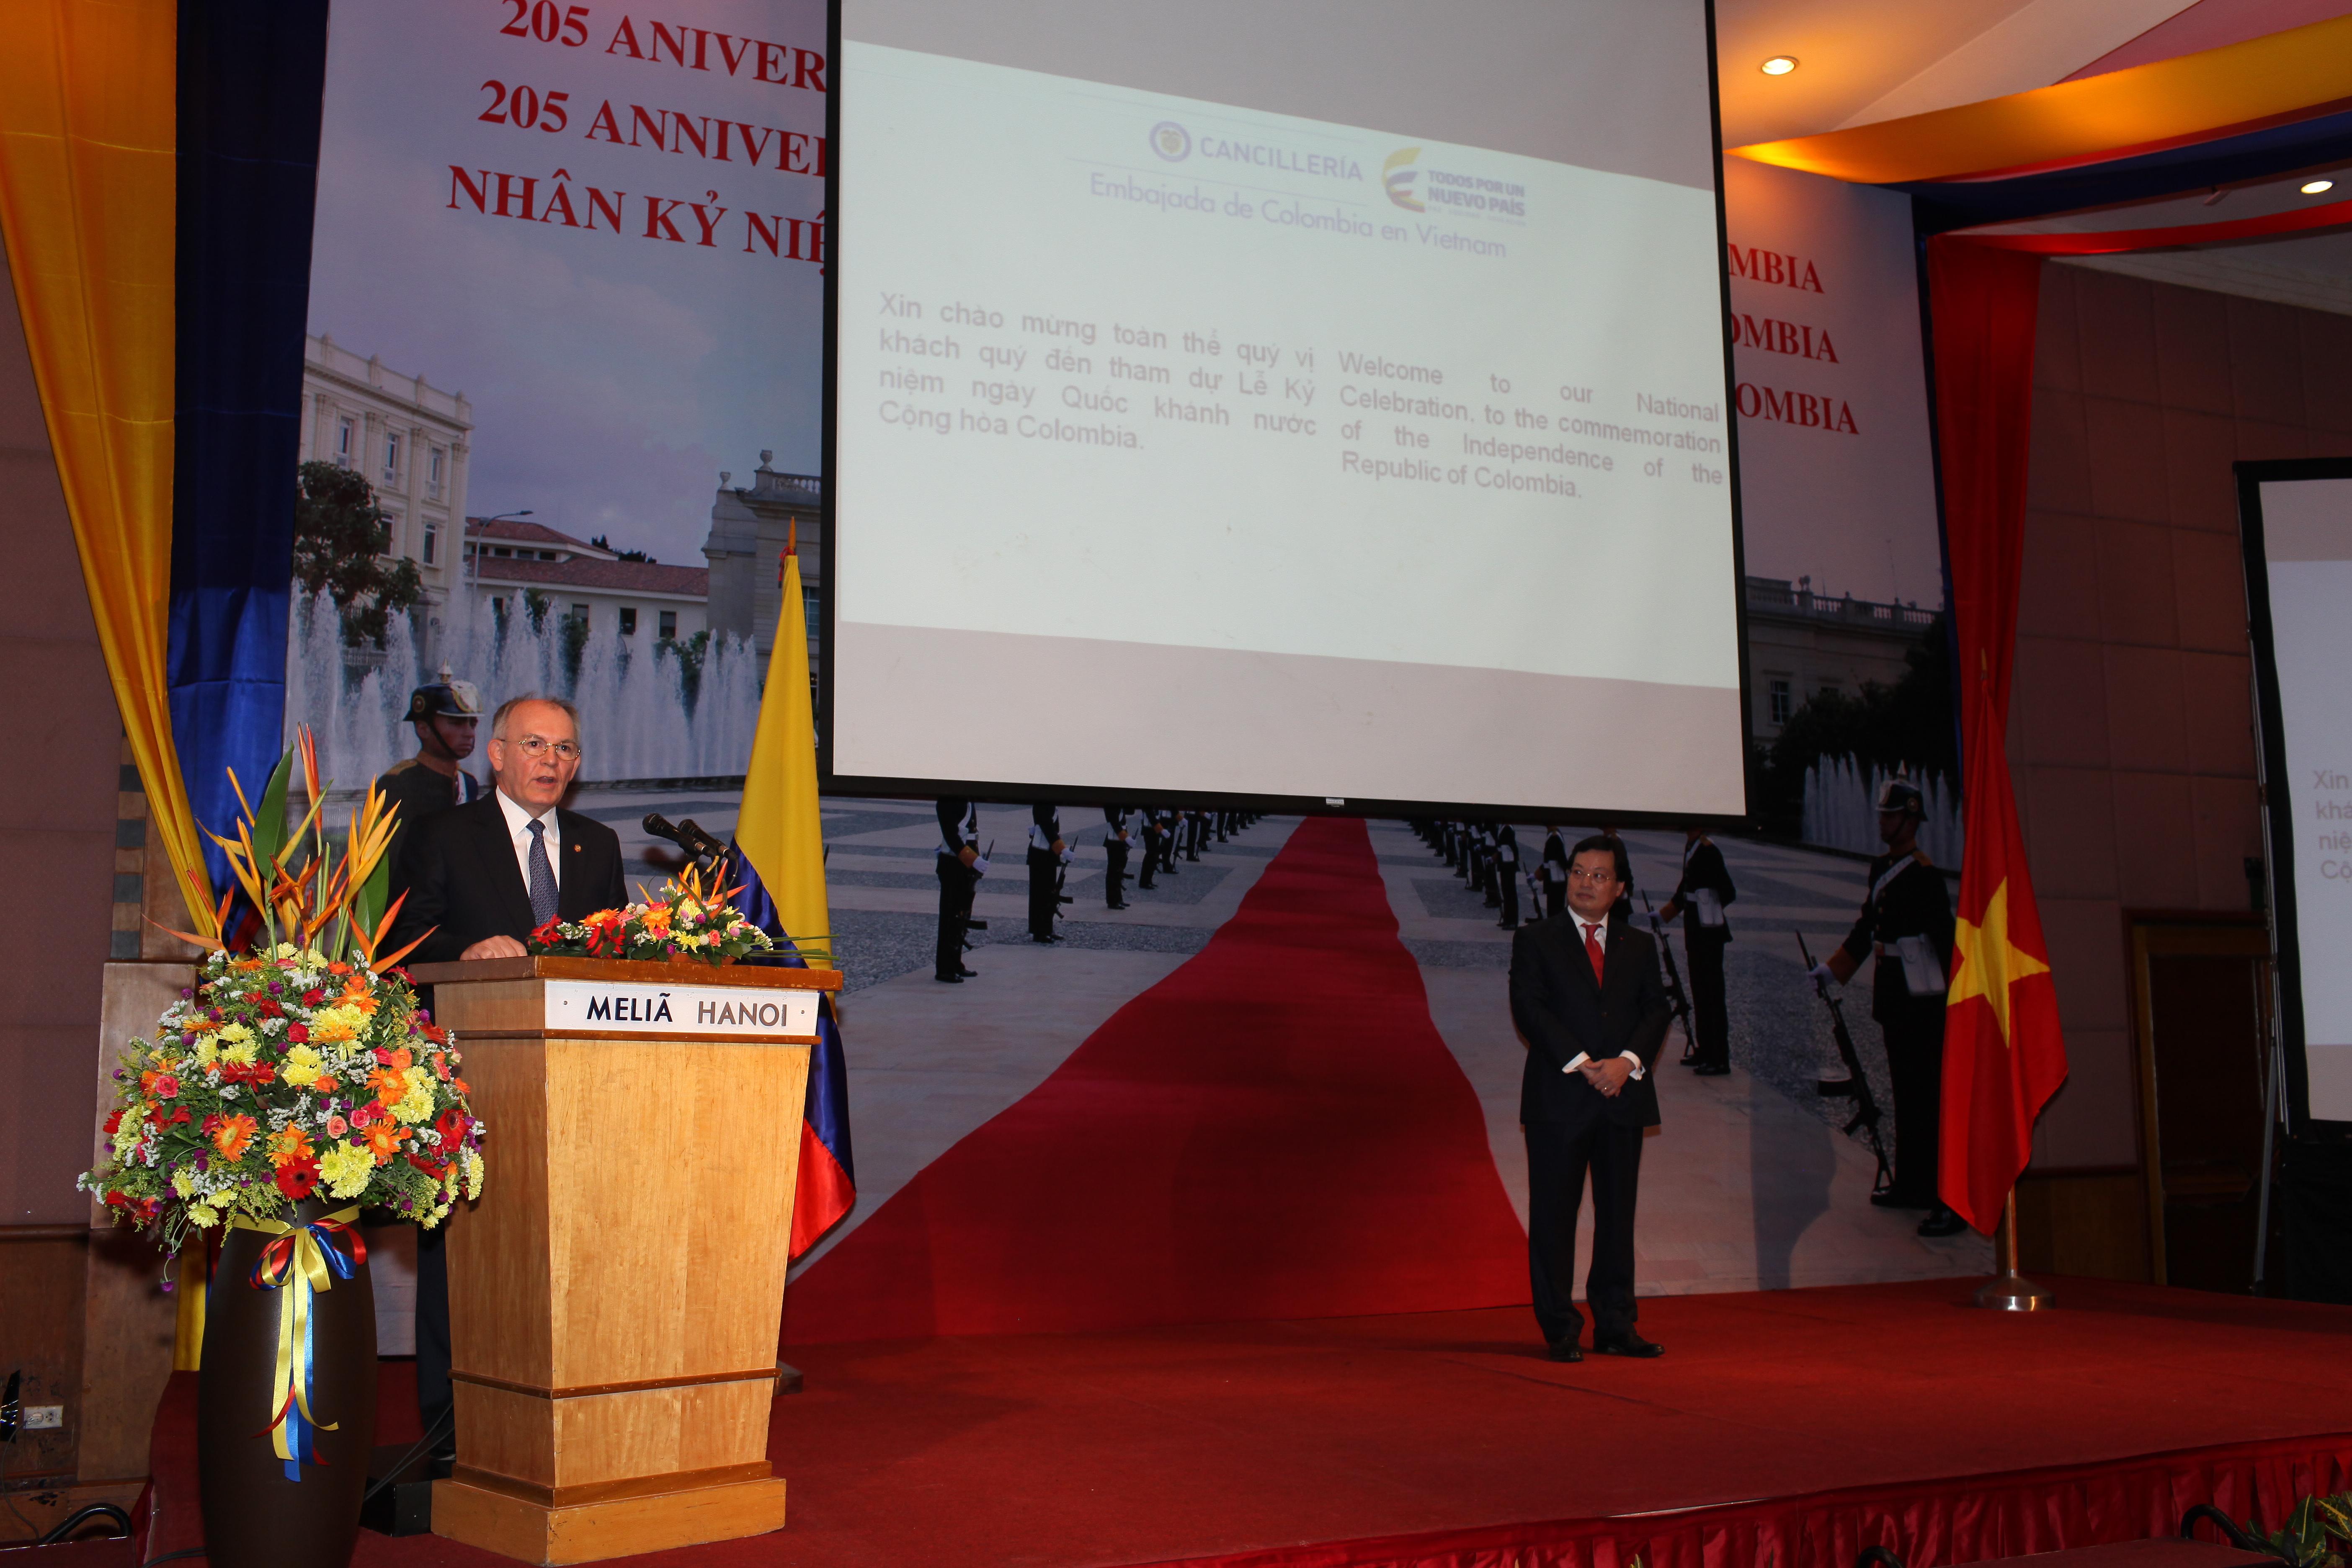 colombiana vietnam